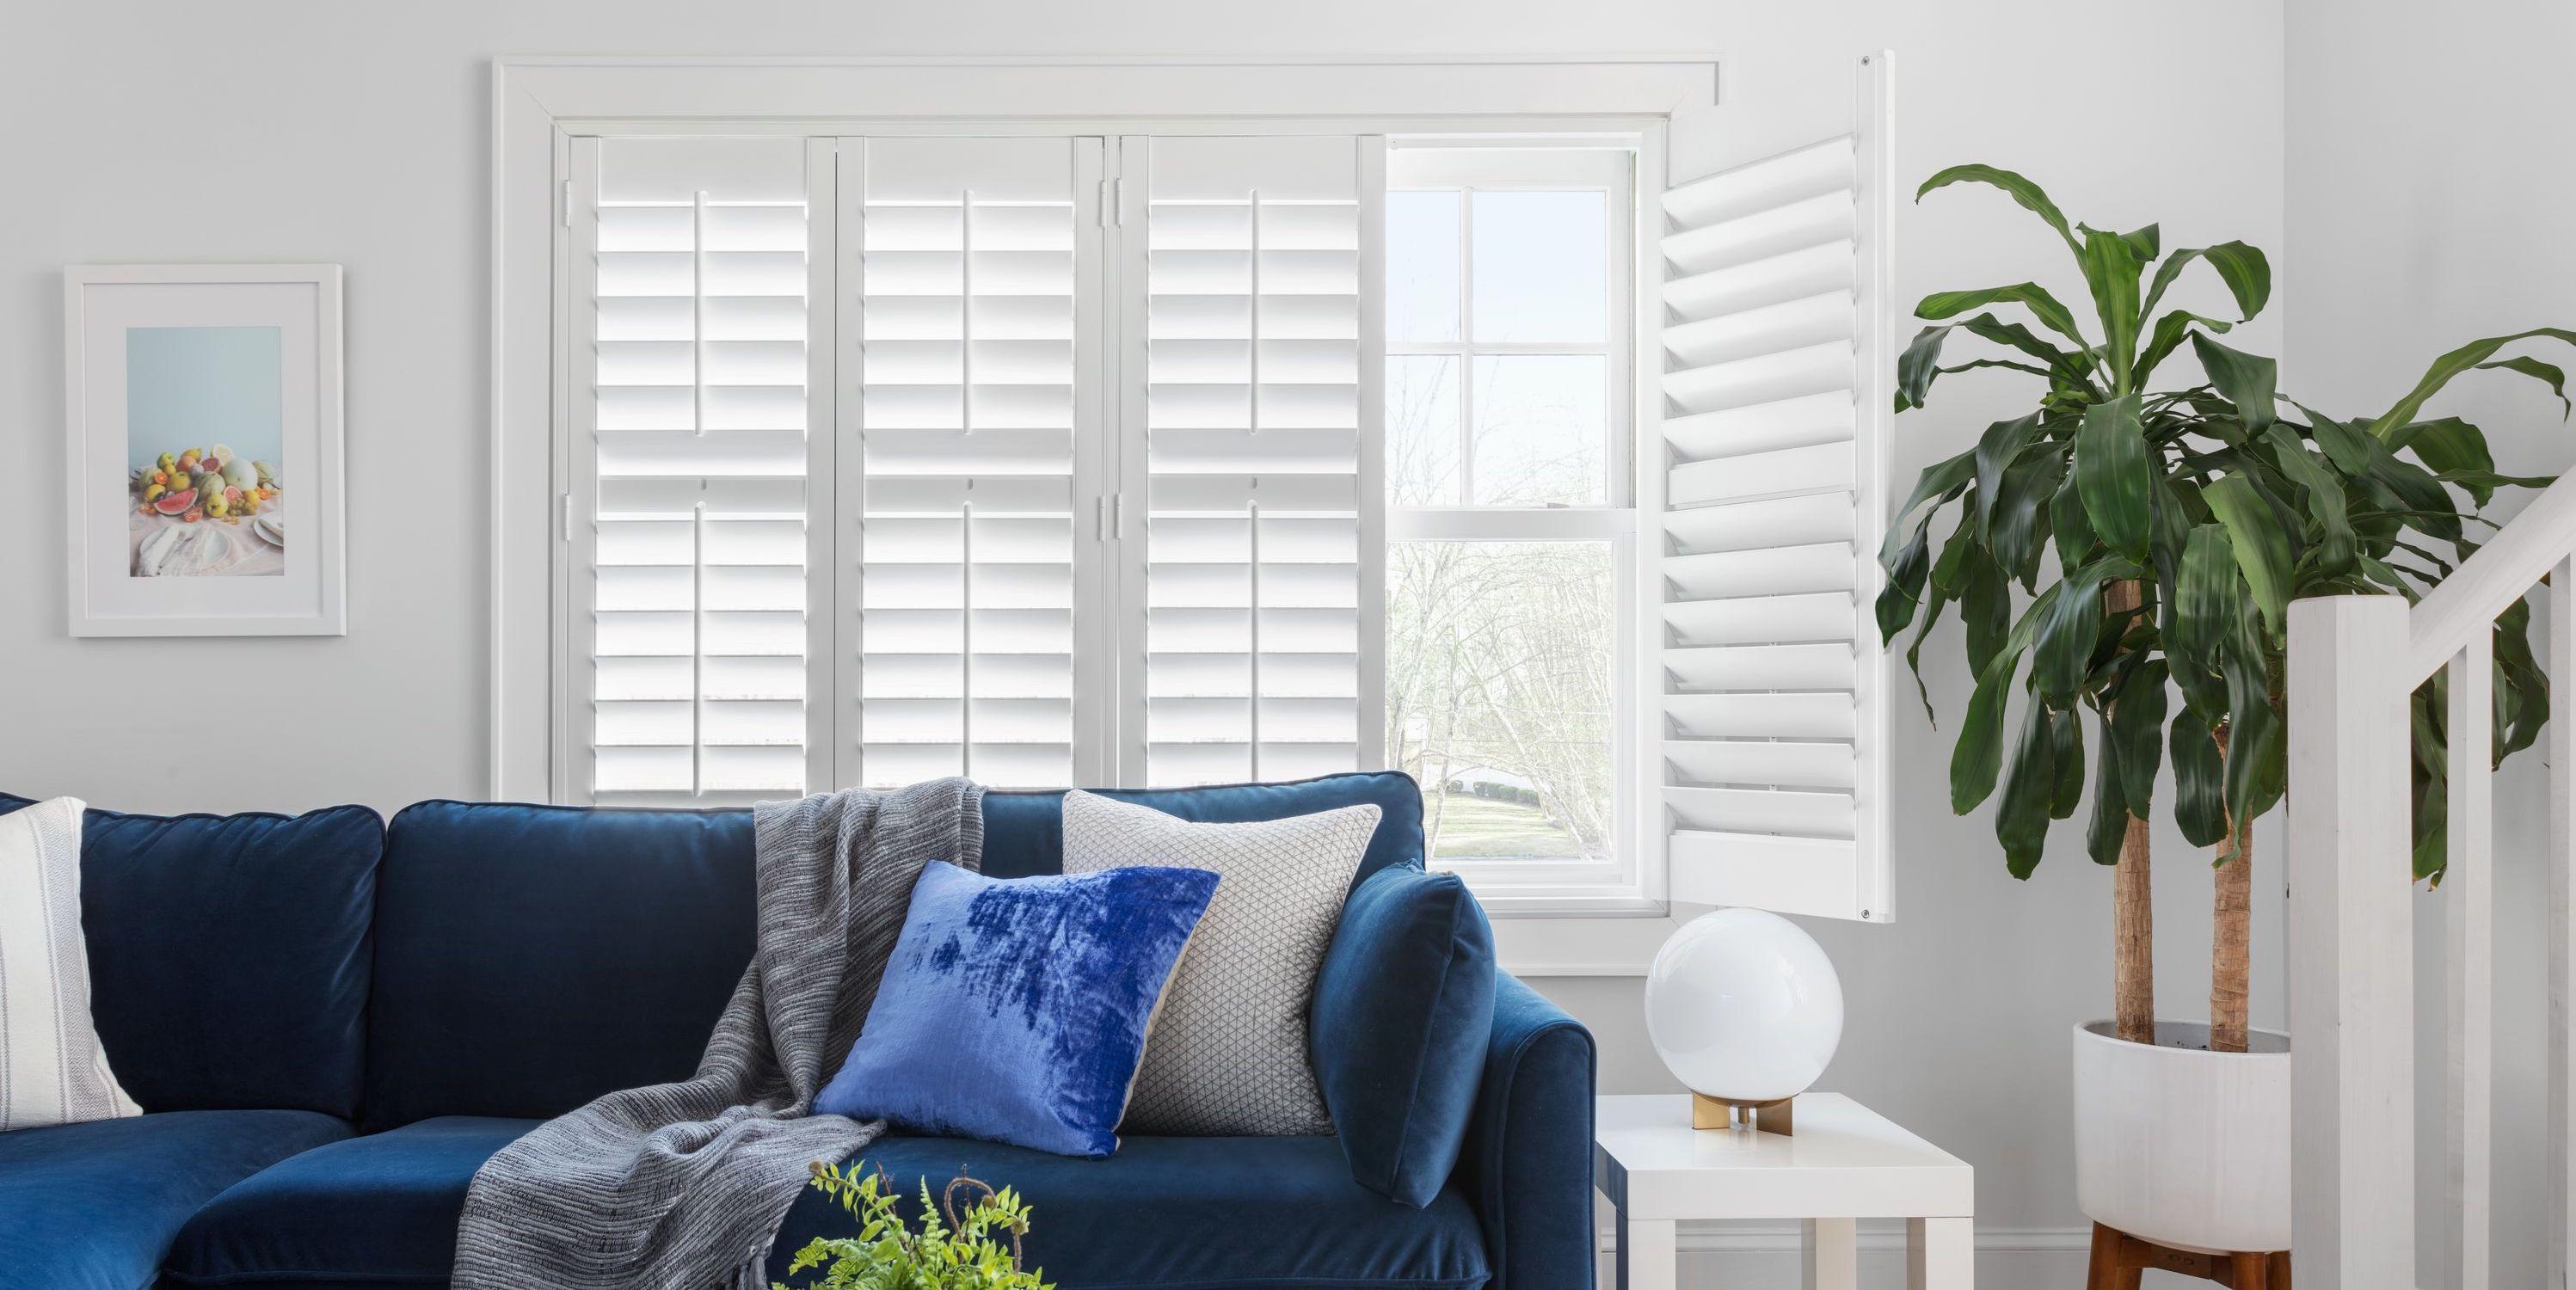 Une grande fenêtre située à l'arrière d'un sofa de velours bleu dans salon au cachet contemporain est décorée avec de belles persiennes installées dans le cadrage.